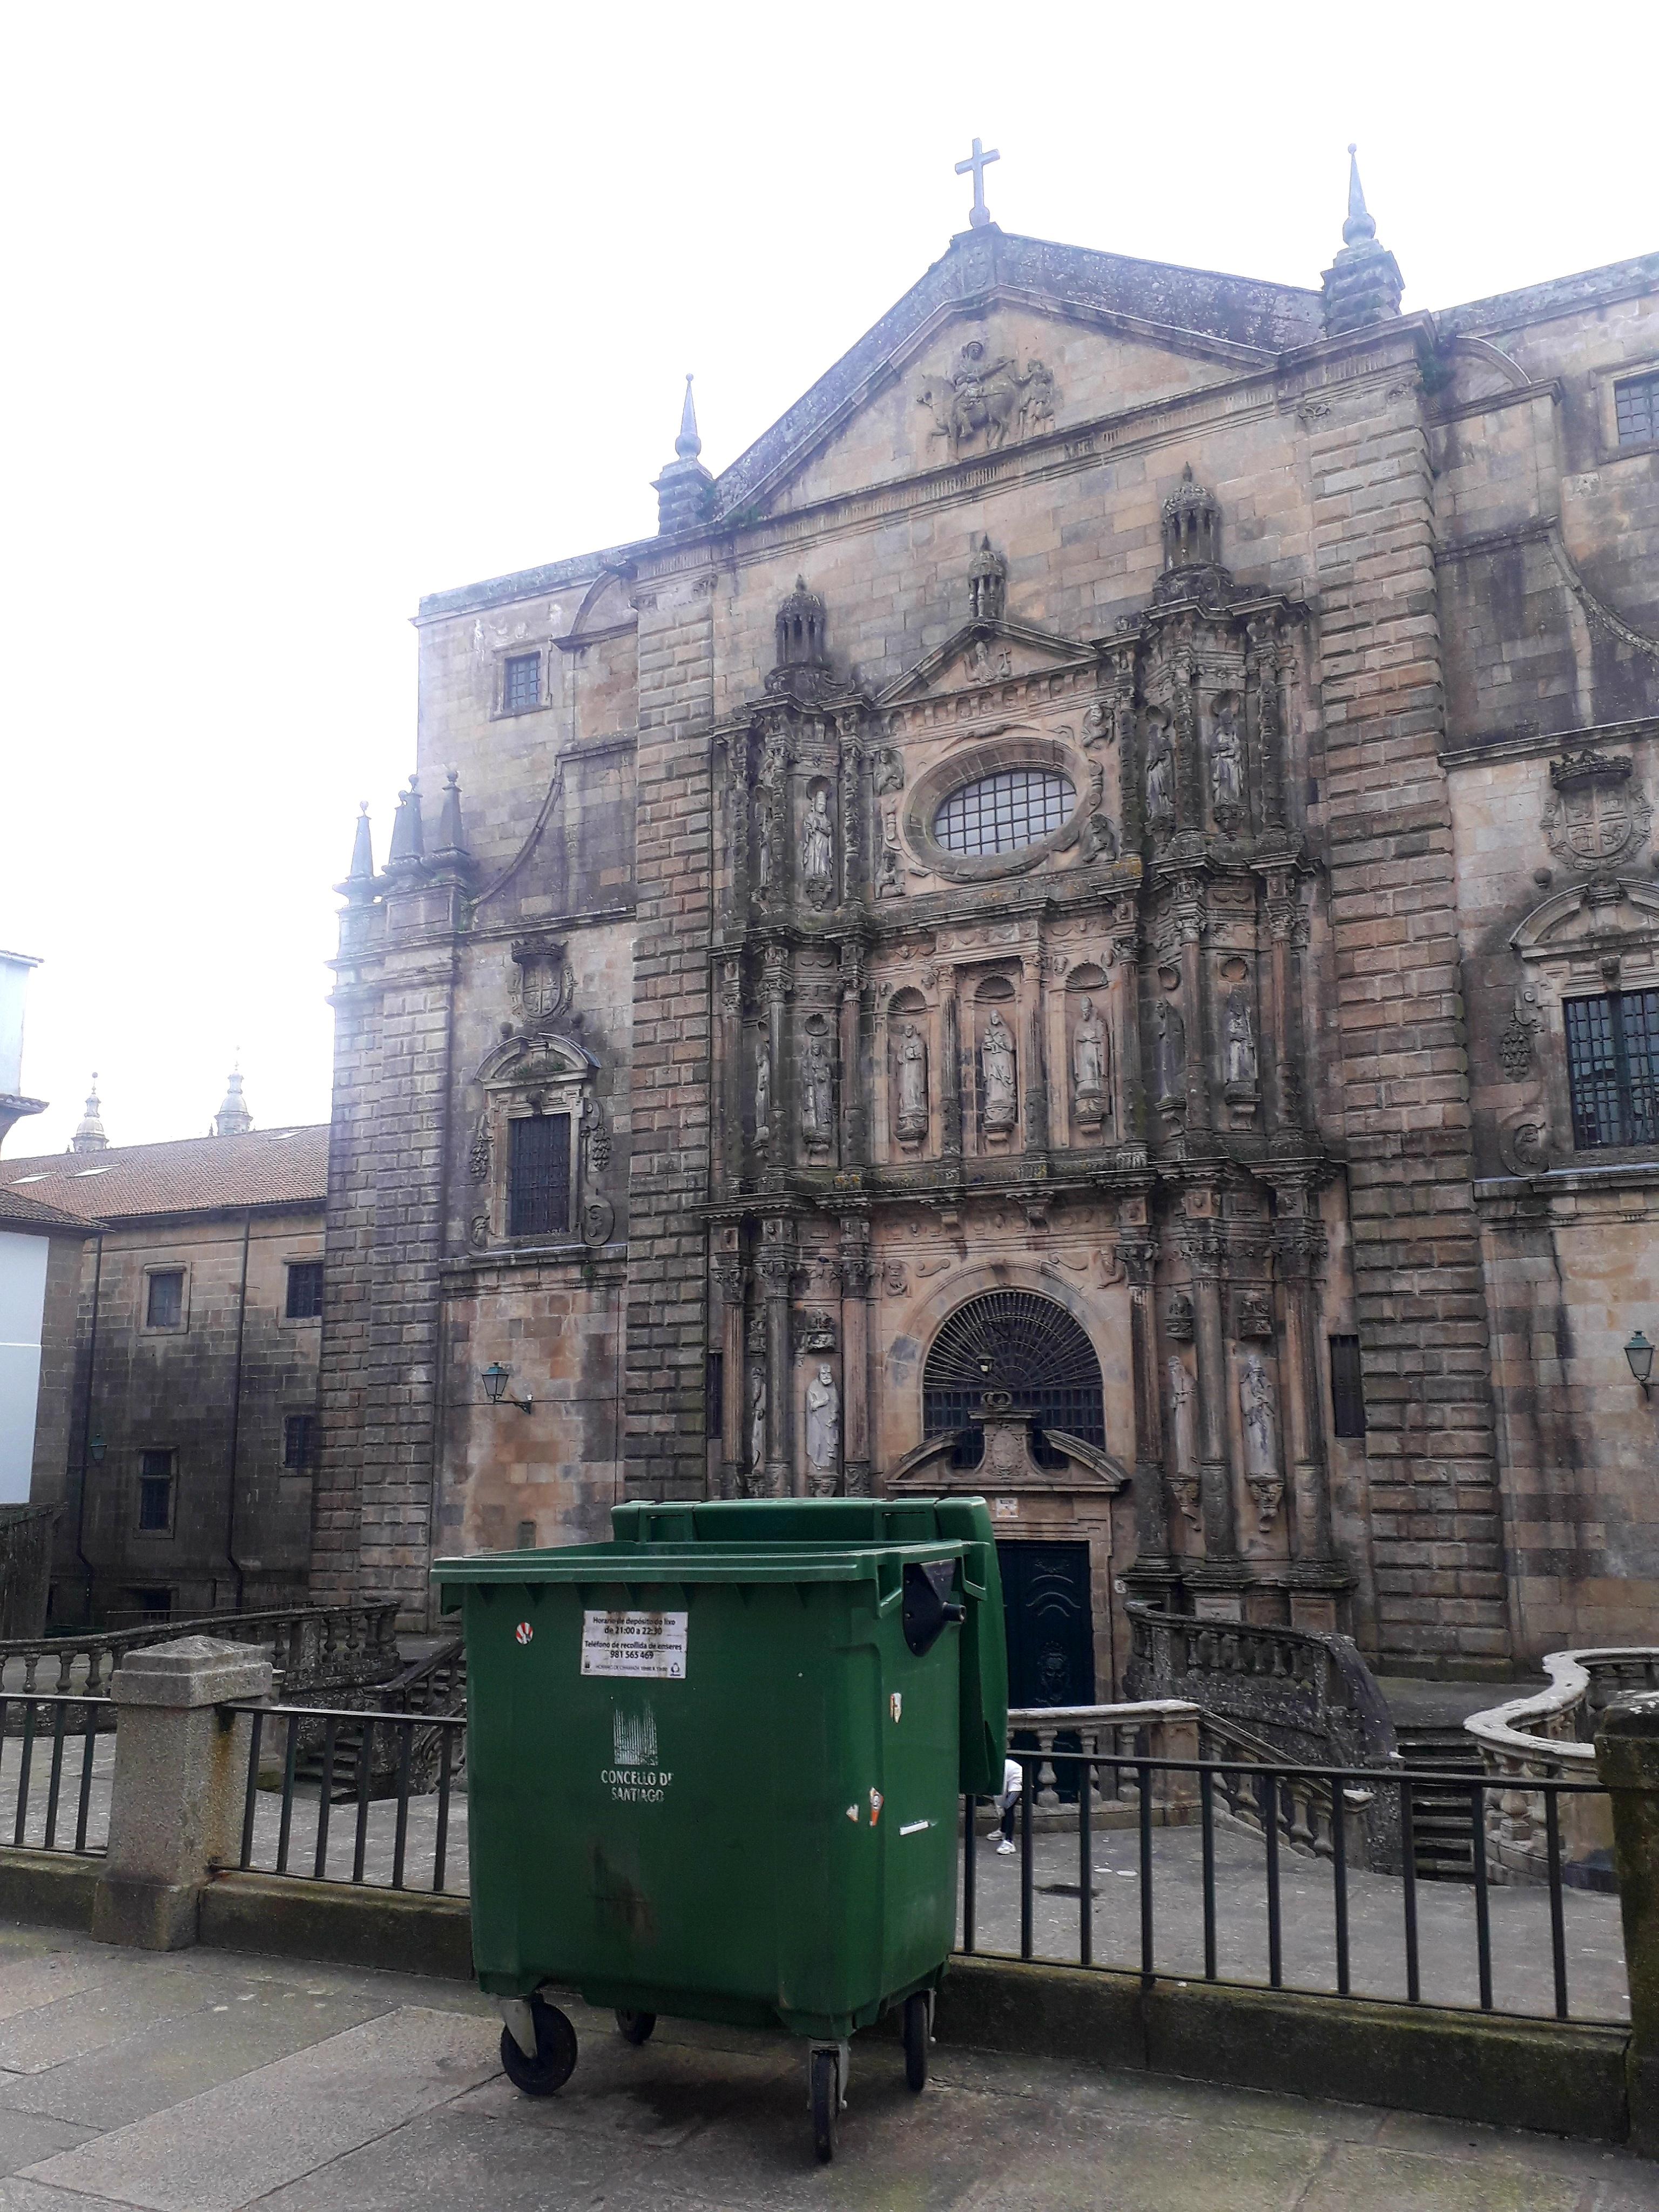 O BNG propón un cambio de emprazamento dos colectores de lixo situados á beira de edificios emblemáticos e monumentos